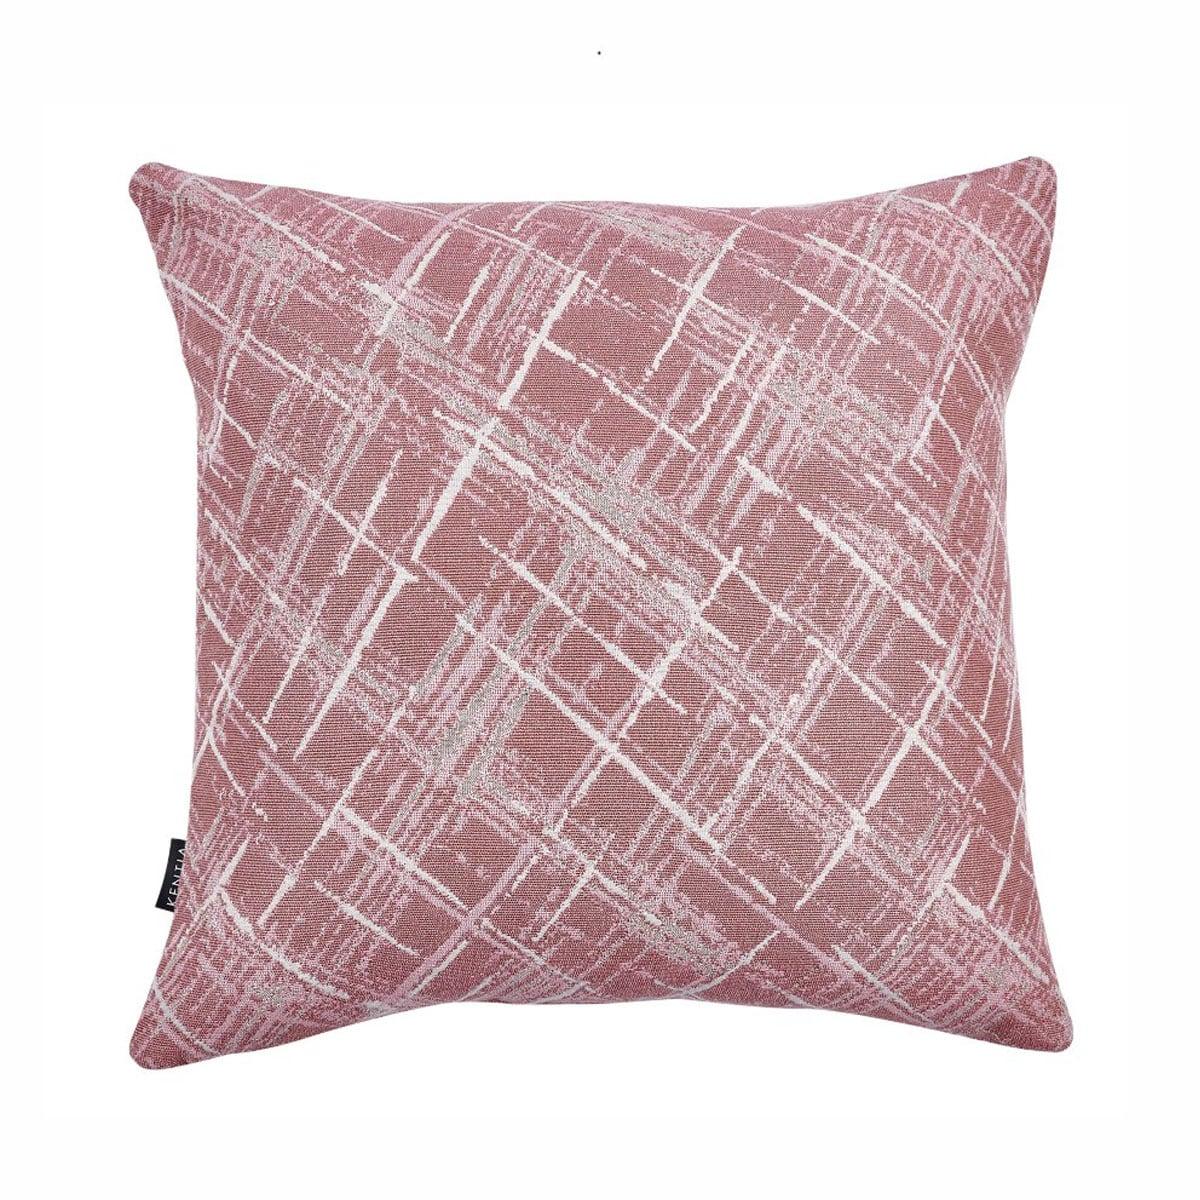 Μαξιλαροθήκη Διακοσμητική Rust 17 Rose Kentia 50X50 Βαμβάκι-Polyester